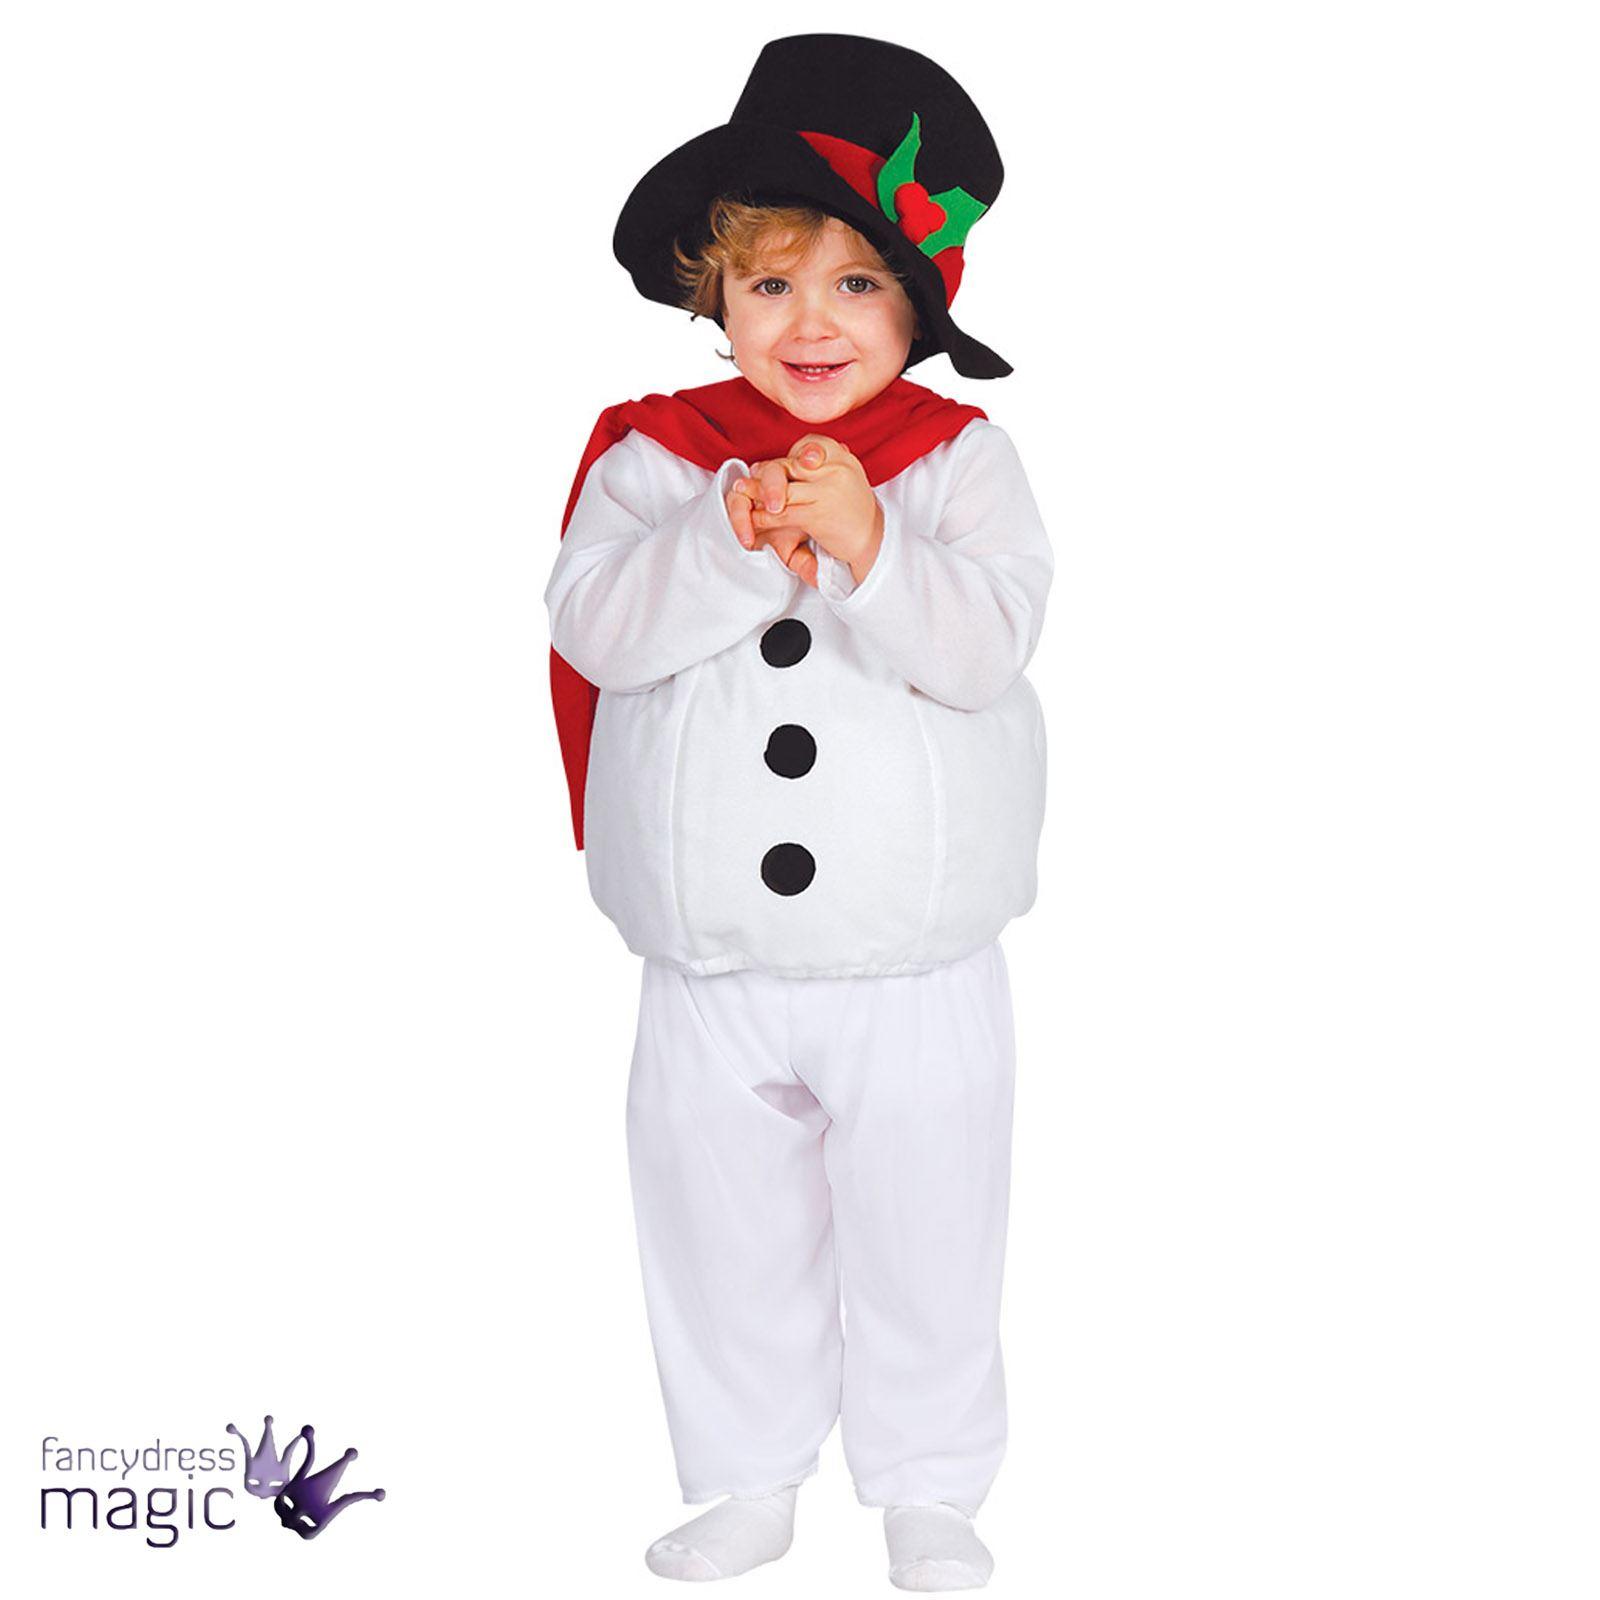 Monster High Ebay >> Bebé Niño Navidad Muñeco De Nieve Disfraz Sombrero Belén nieve | eBay